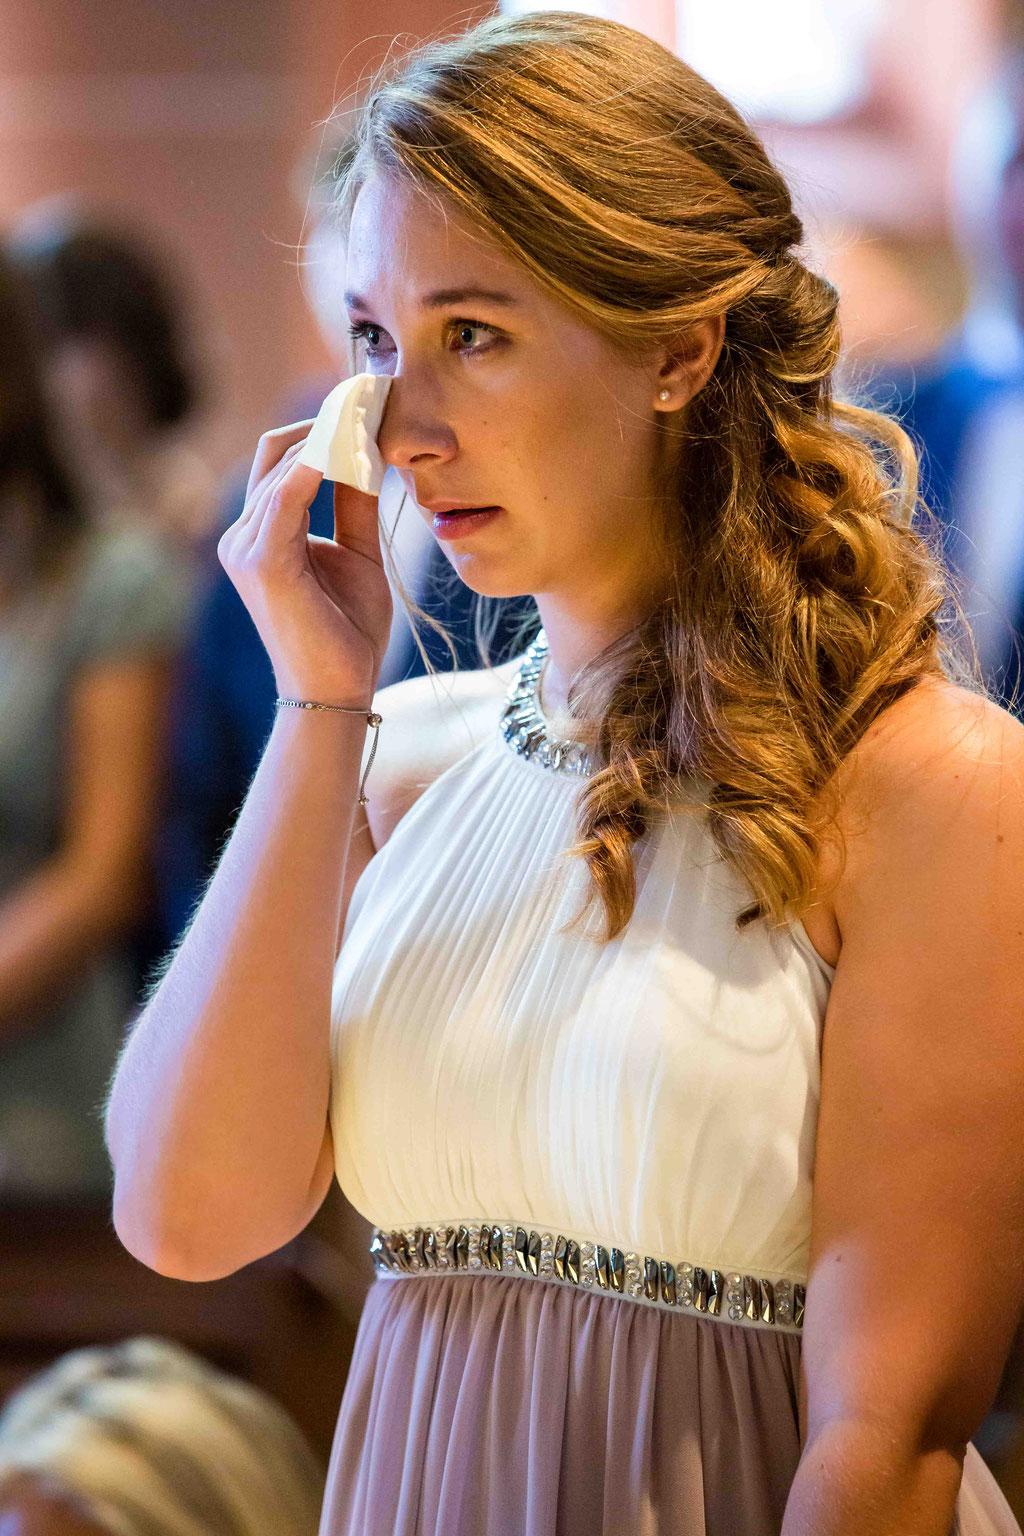 Emotionen auf Hochzeitsbildern, Gefühle auf Hochzeitsfotos, talentierter Hochzeitsfotograf